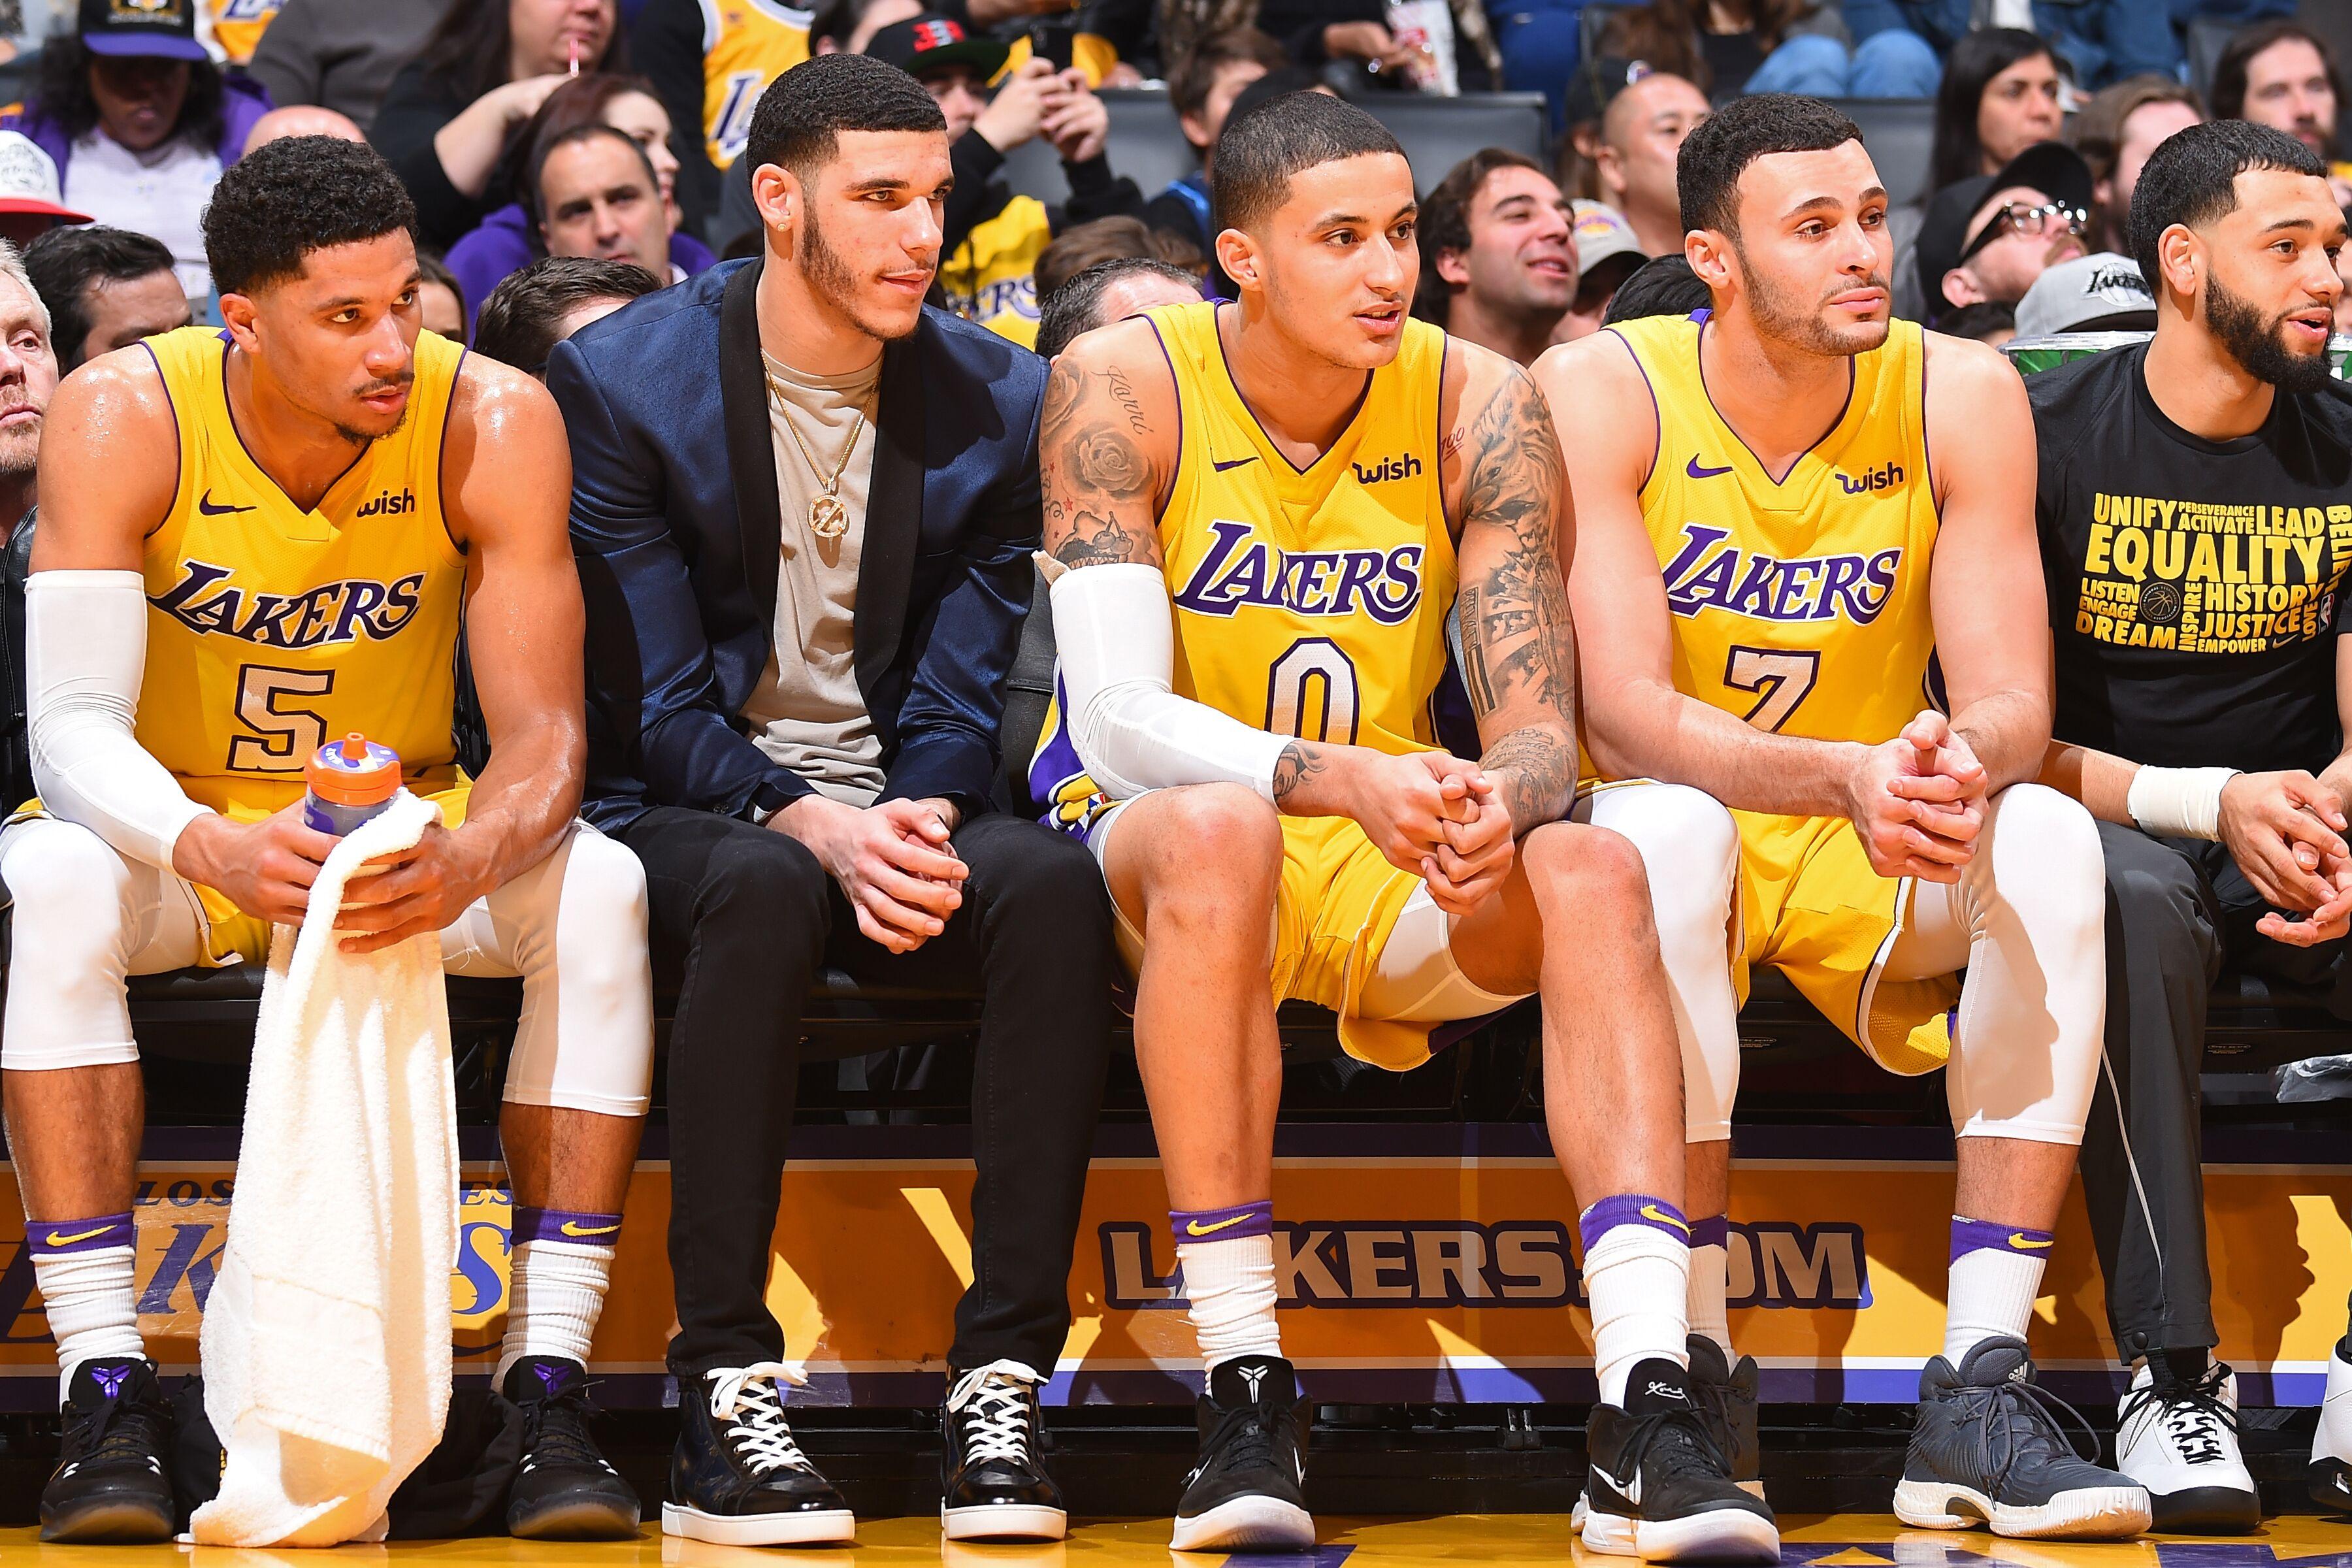 Lakers Vs Spurs 9